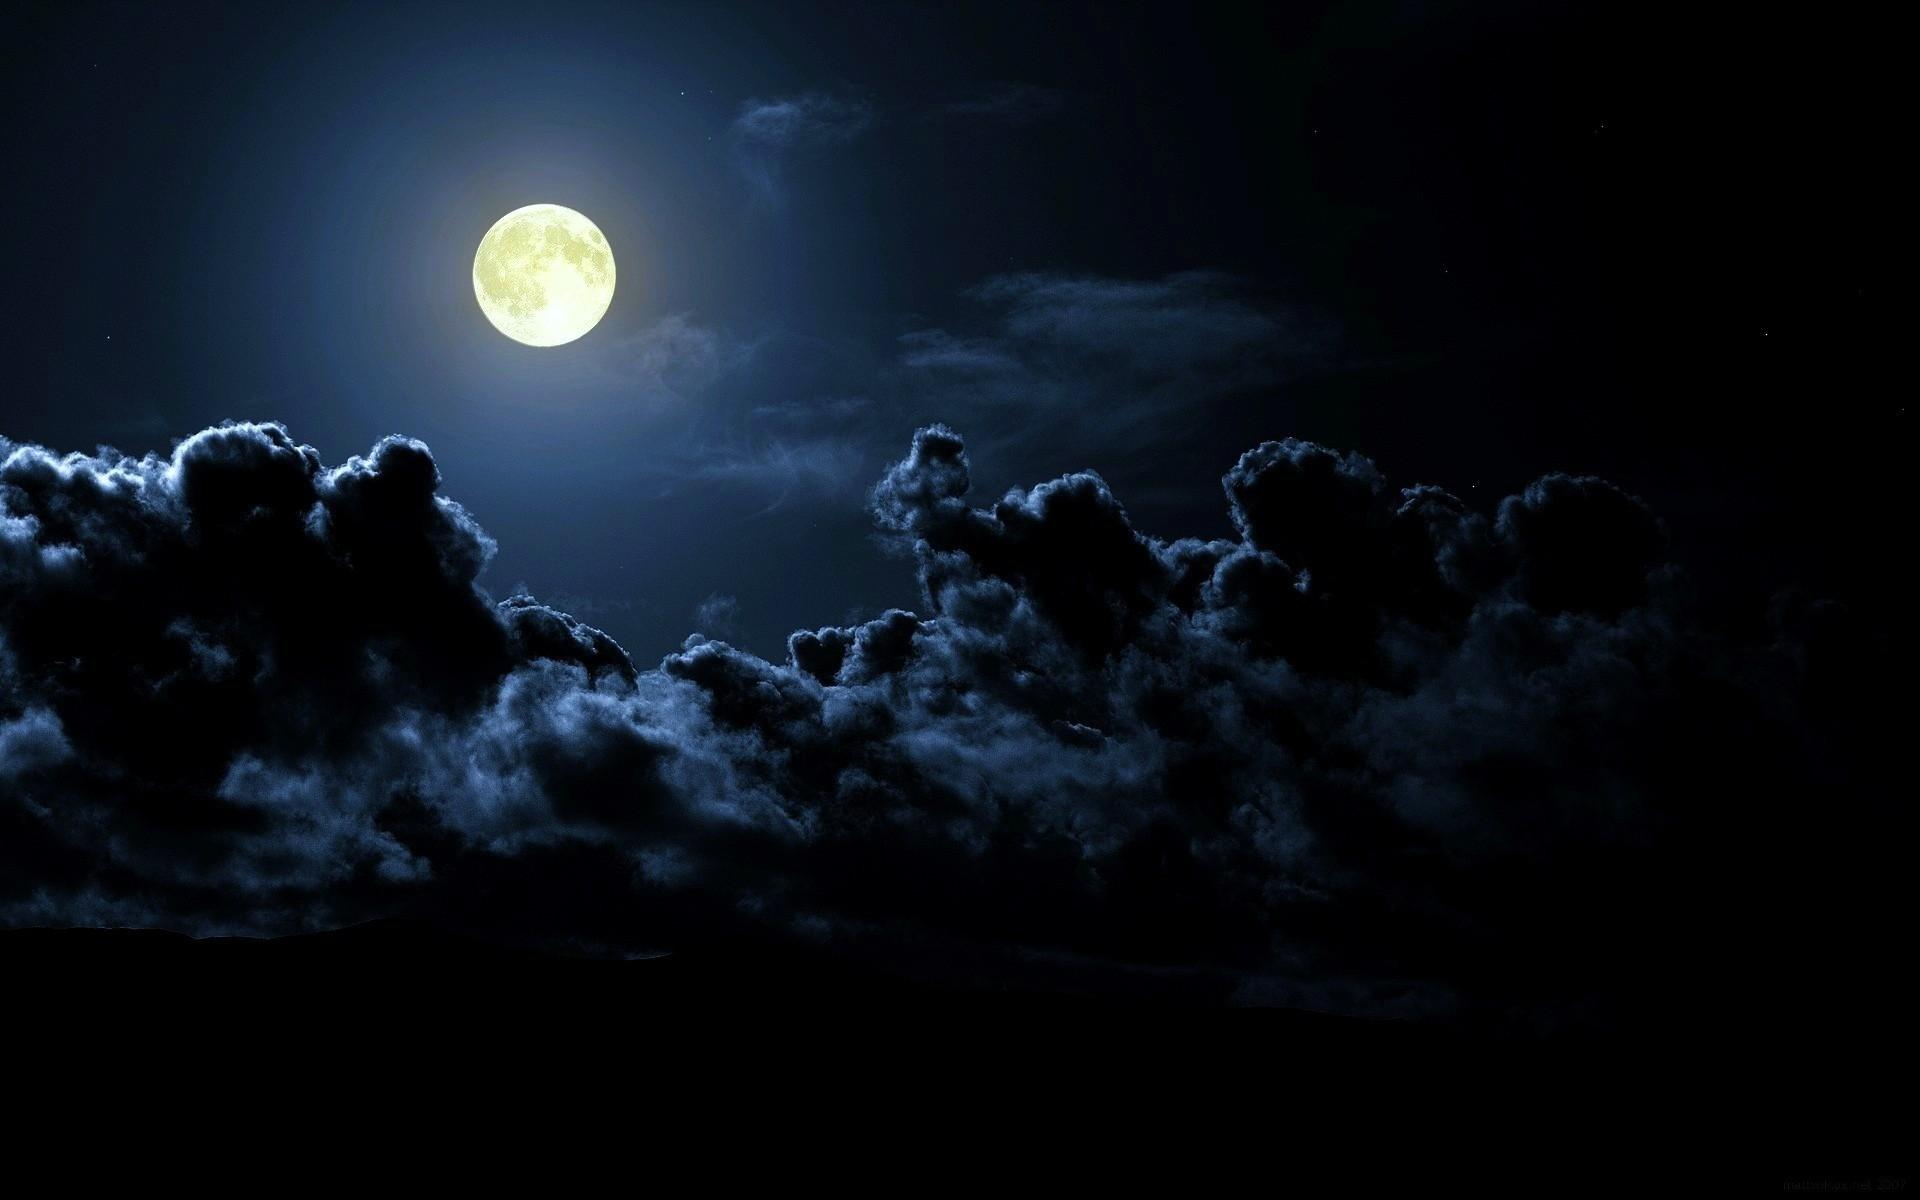 Учёные выяснили, что воду на Луне создаёт Солнце — Рамблер ...